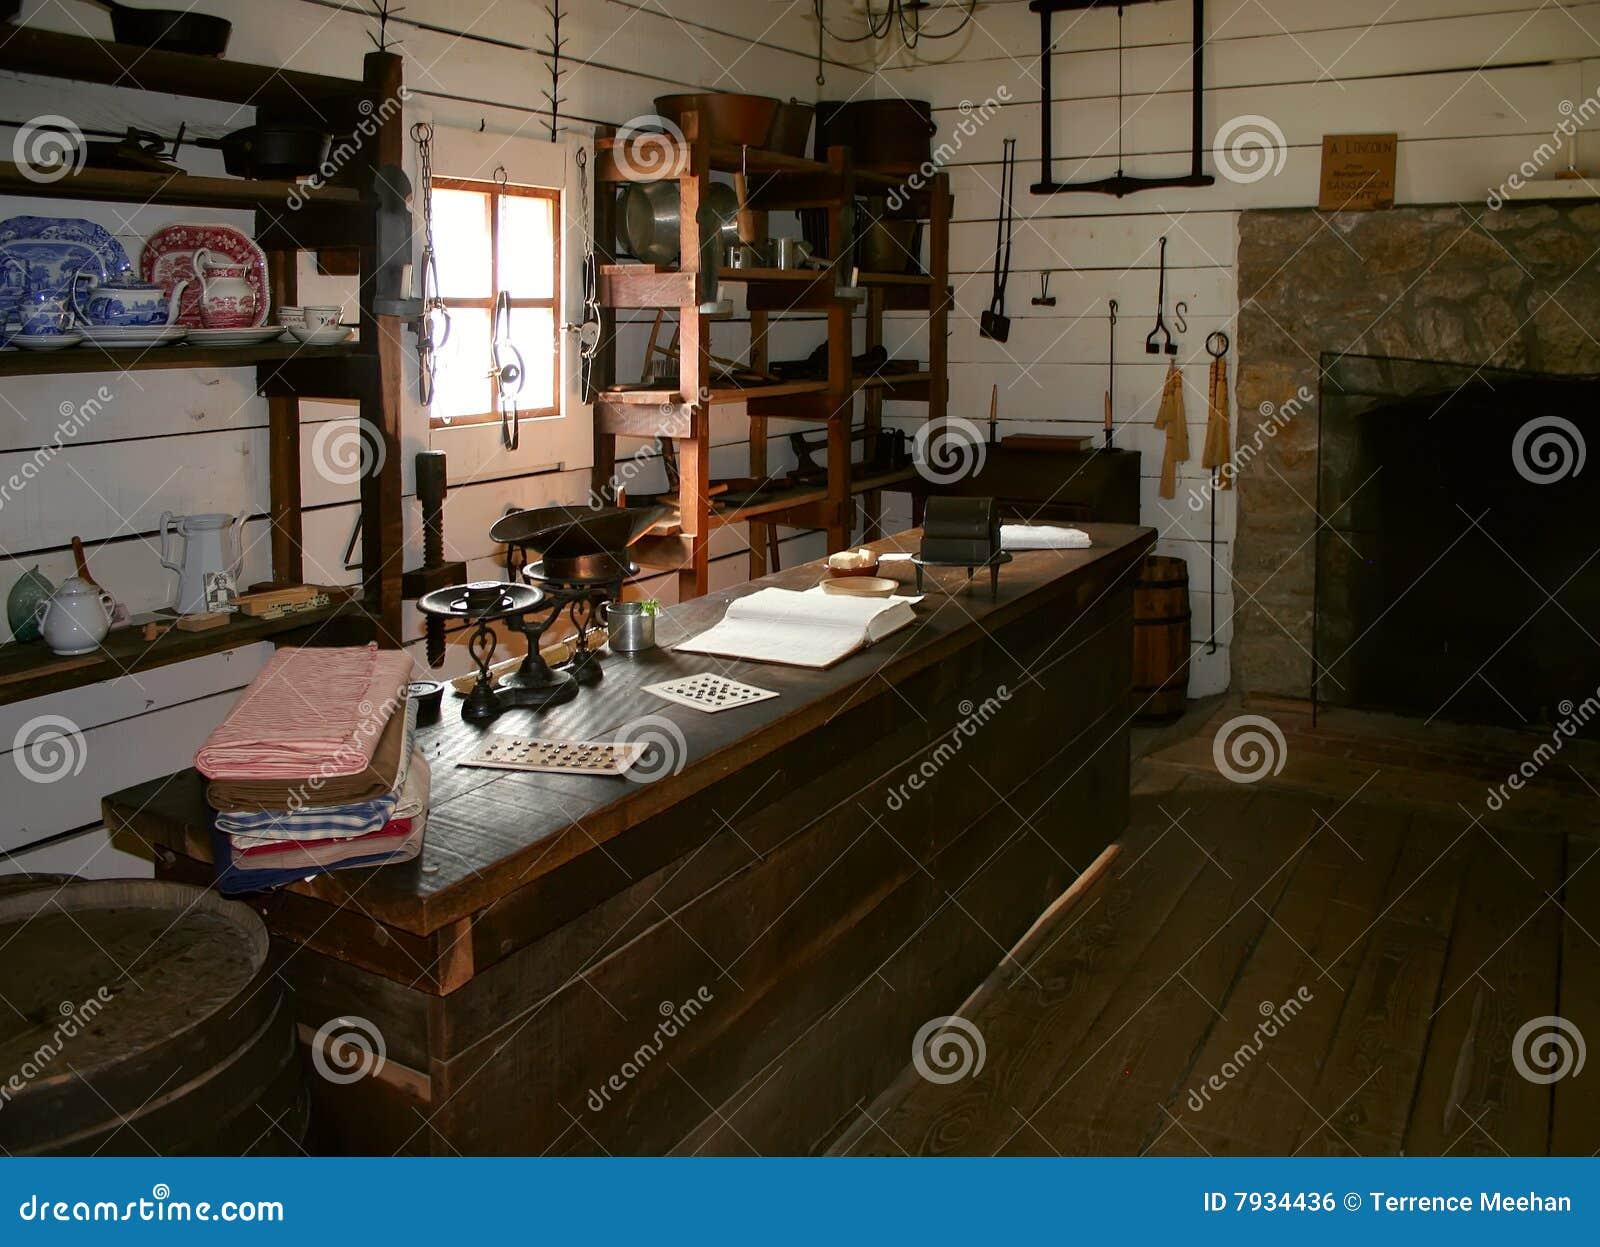 Vintage general store